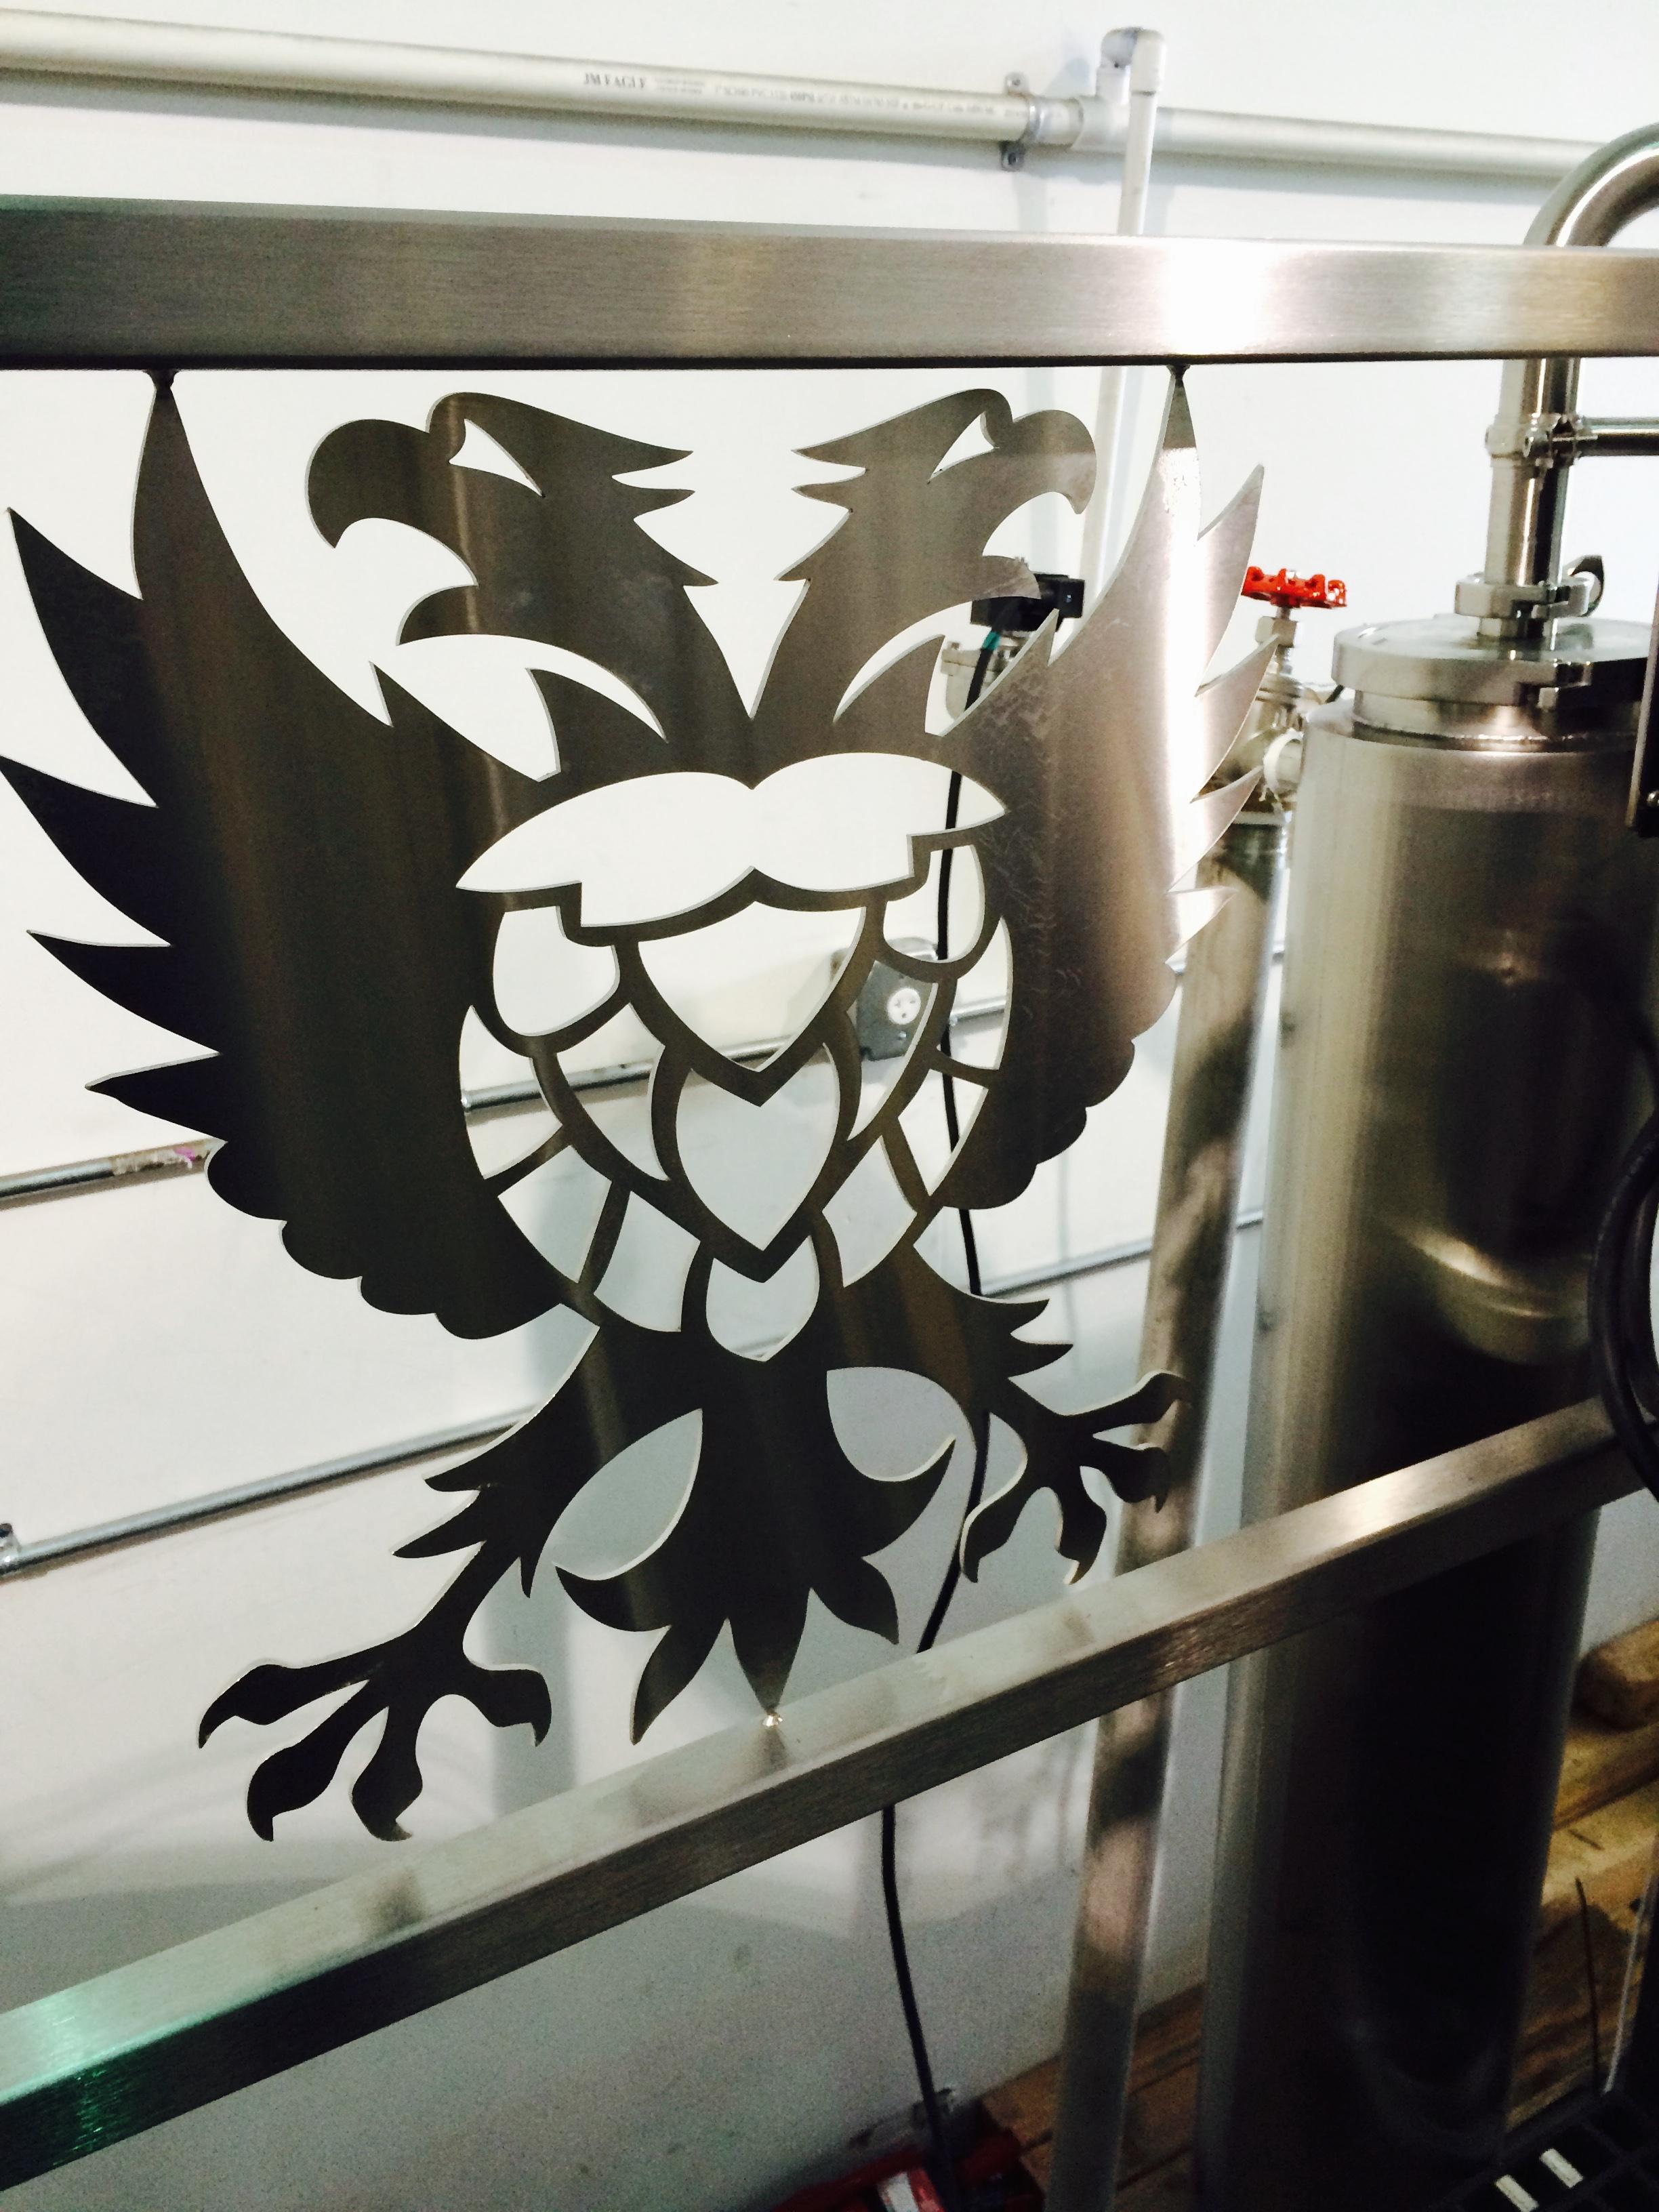 Eagle, beer